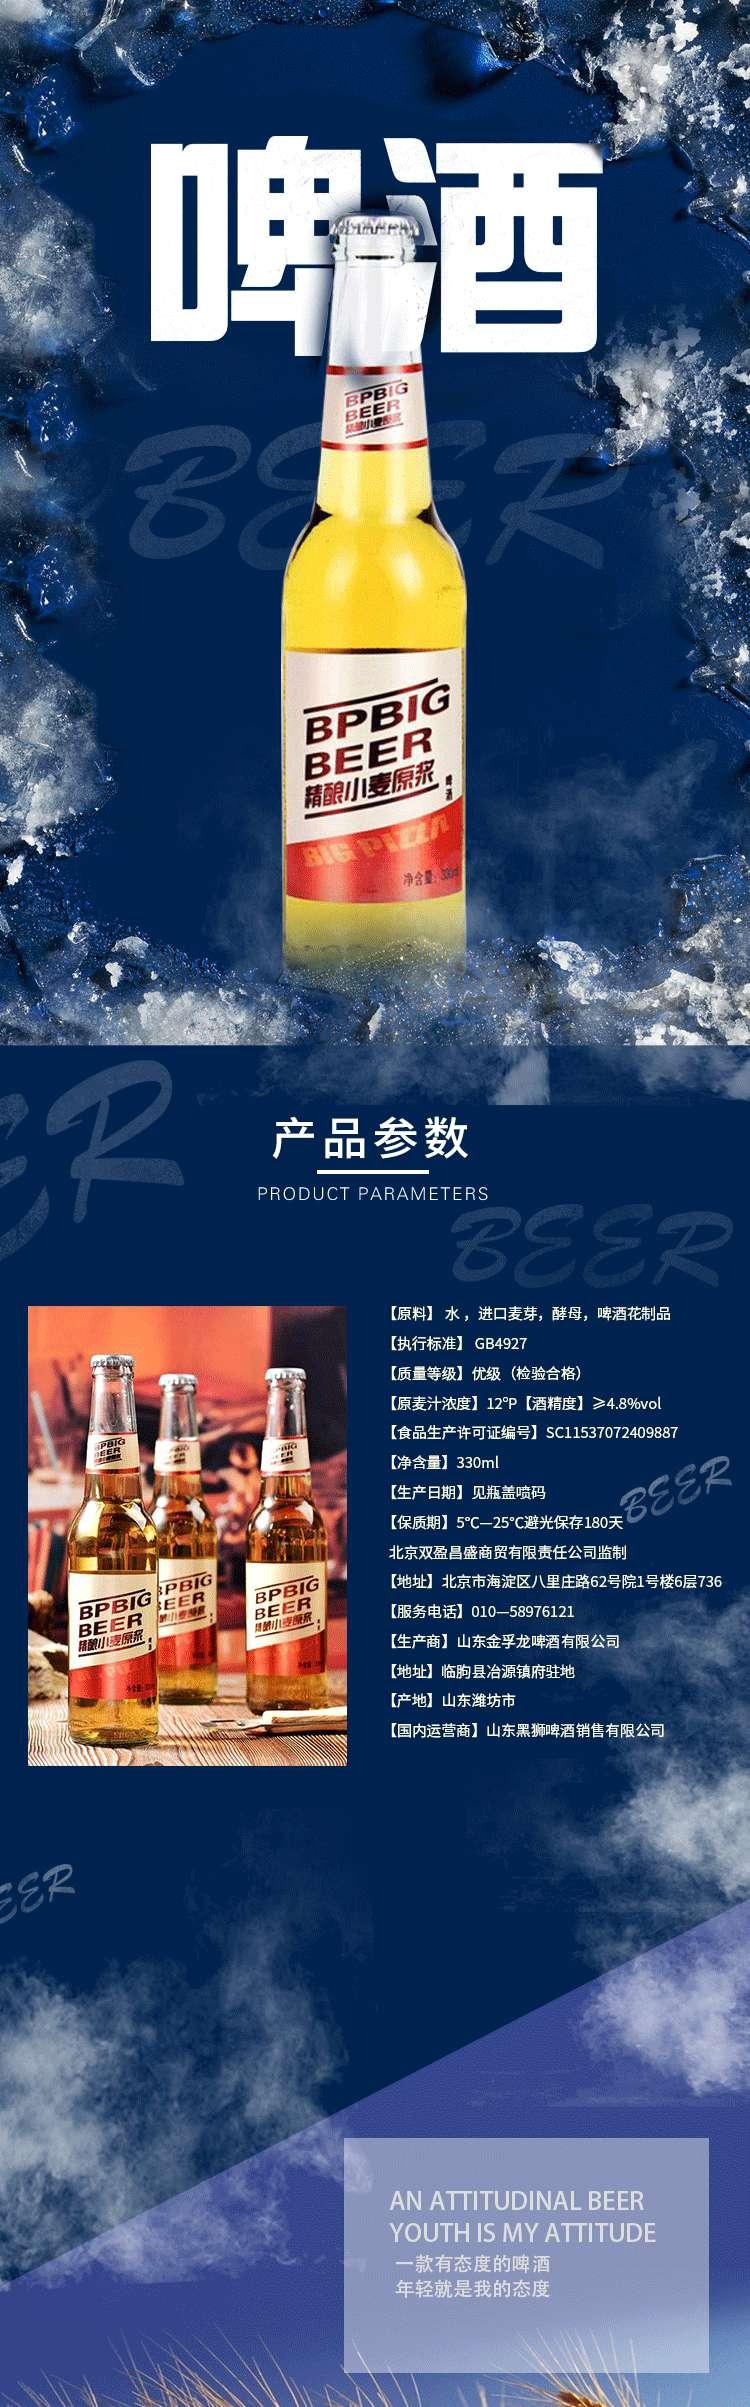 啤酒2.jpg